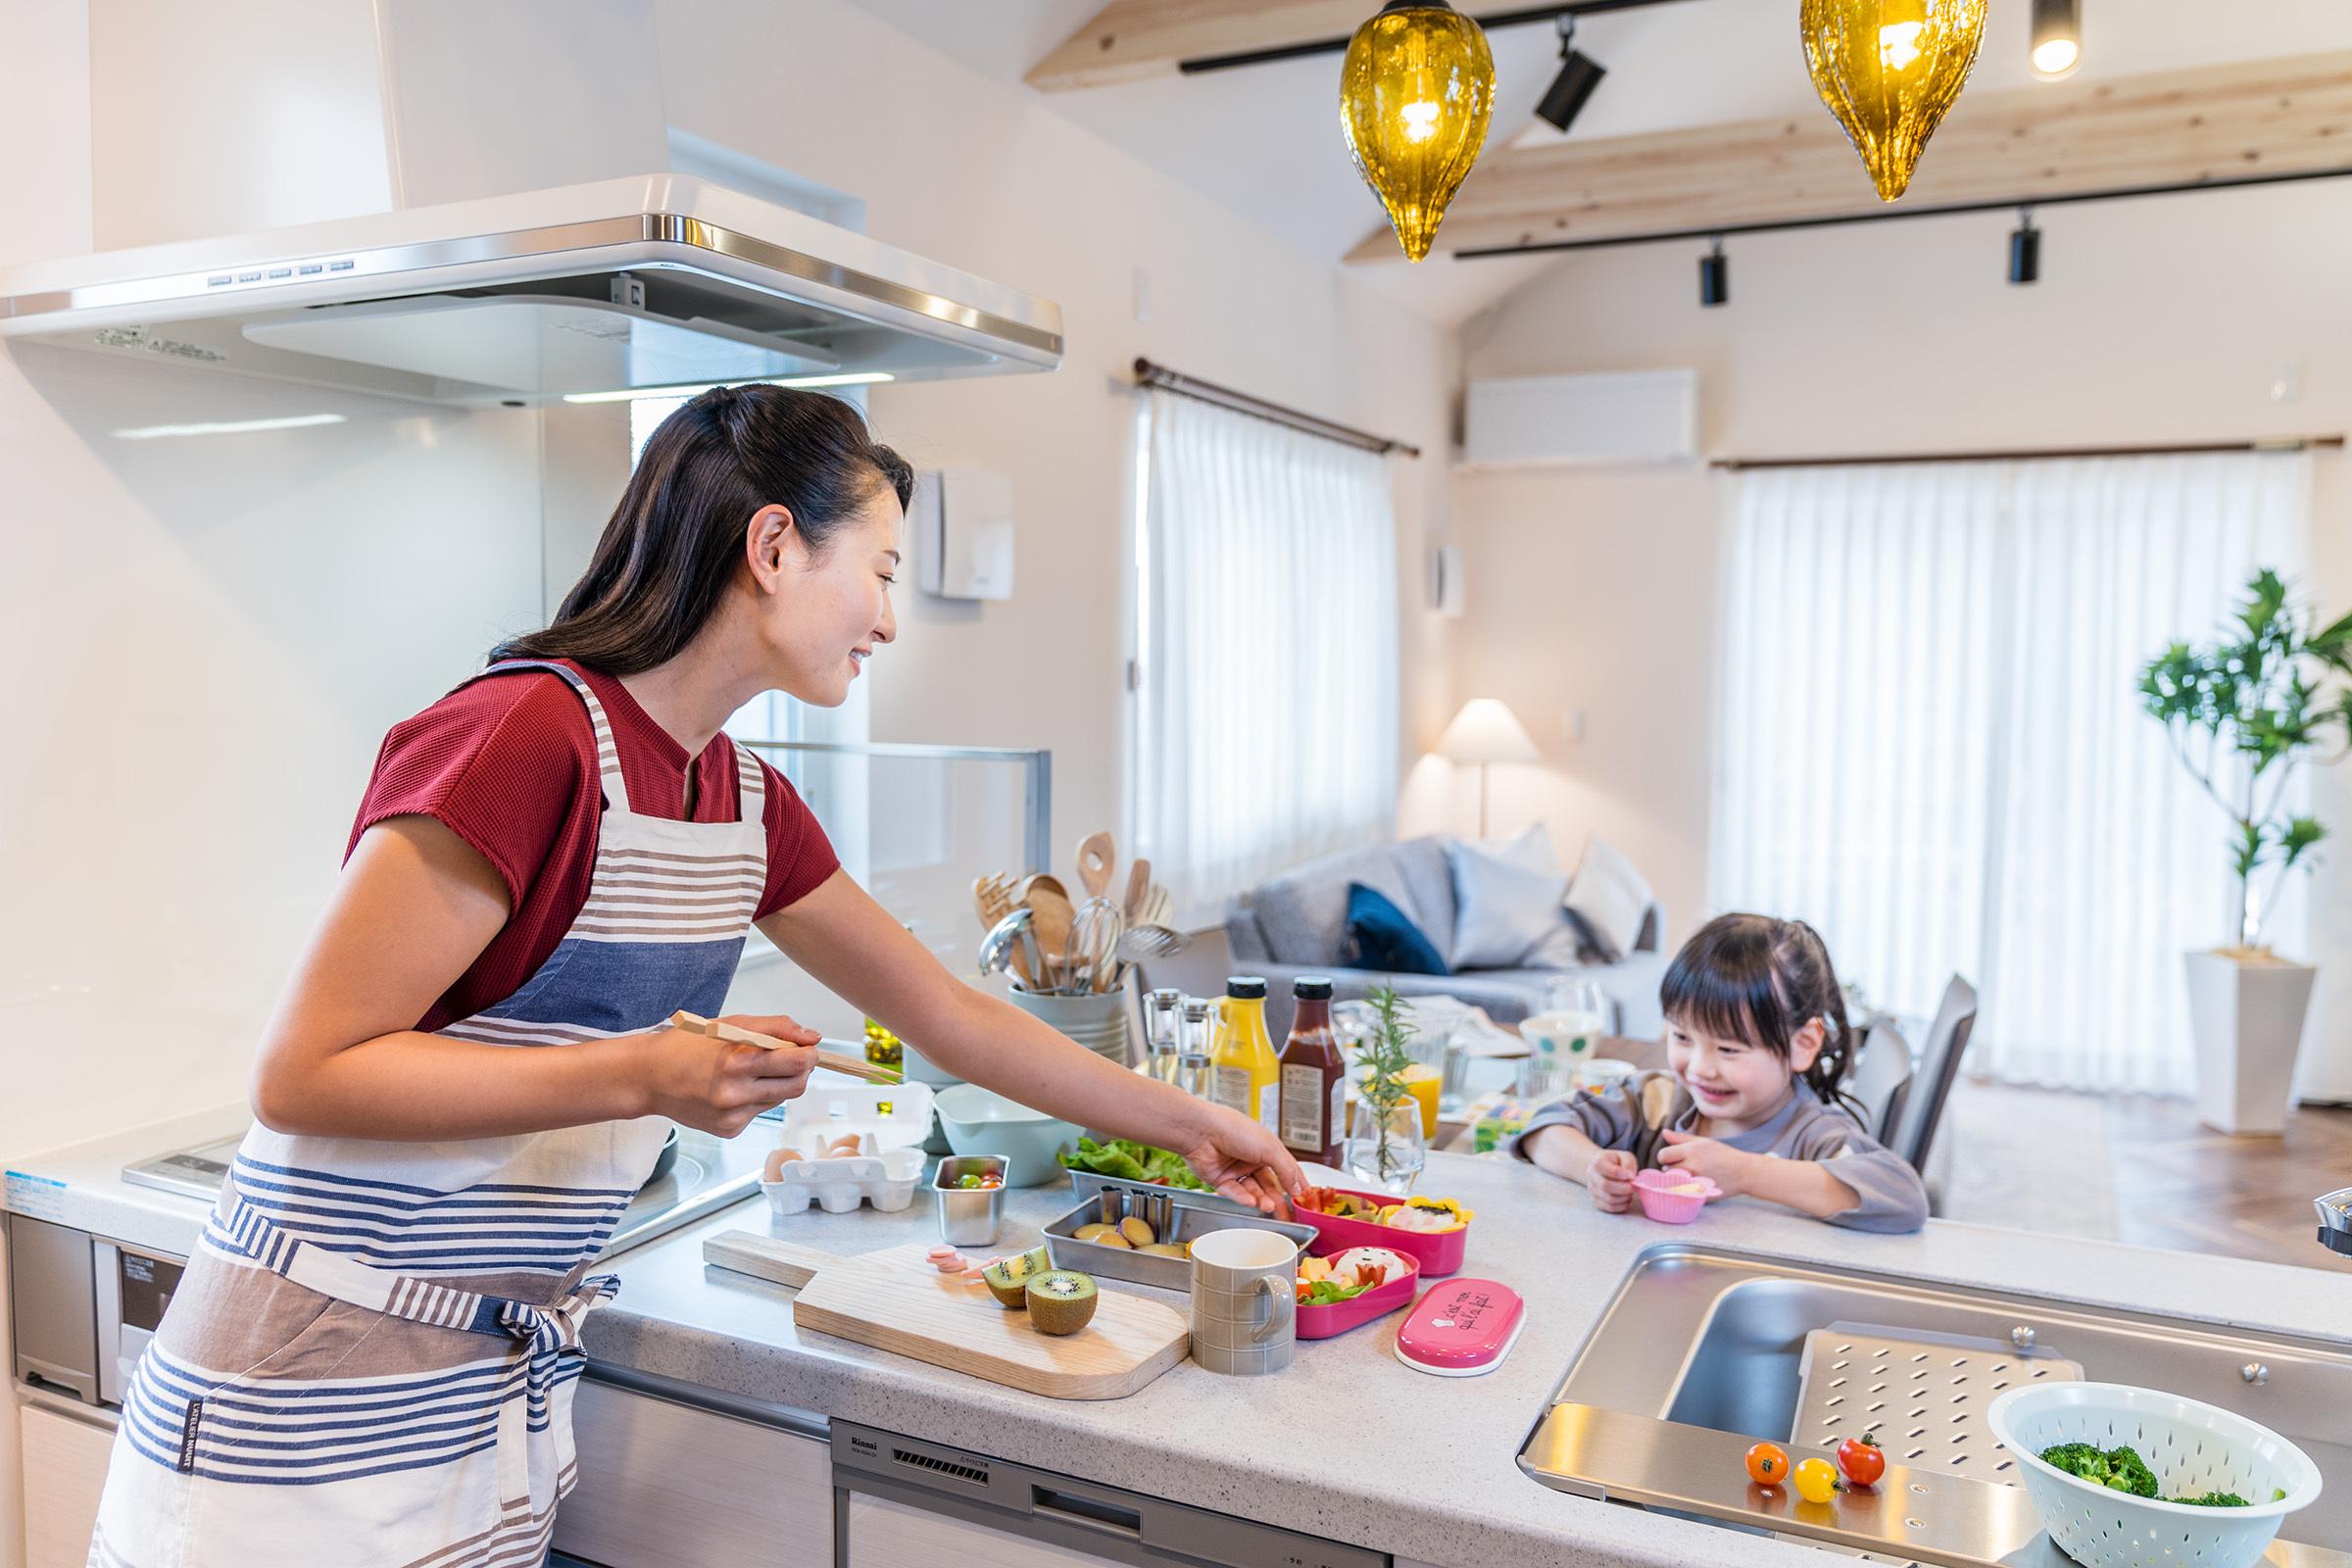 ネットでレッスン「働くママの時短お弁当マニュアル Vol.2」をUPしました。